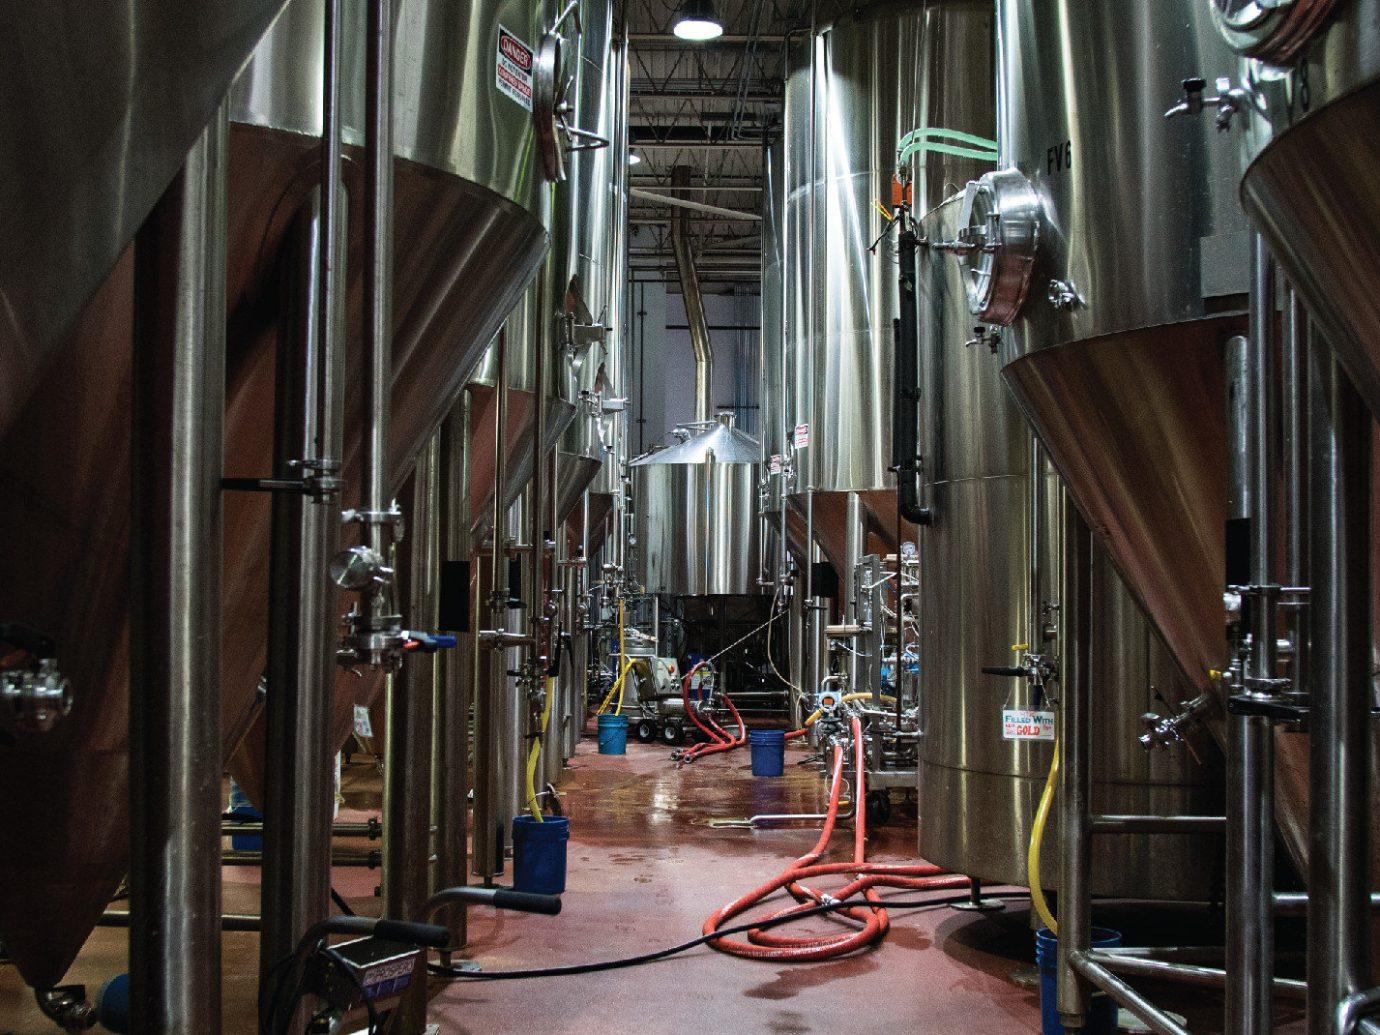 beer Drink Food + Drink industrial interior Rustic indoor brewery tourist attraction